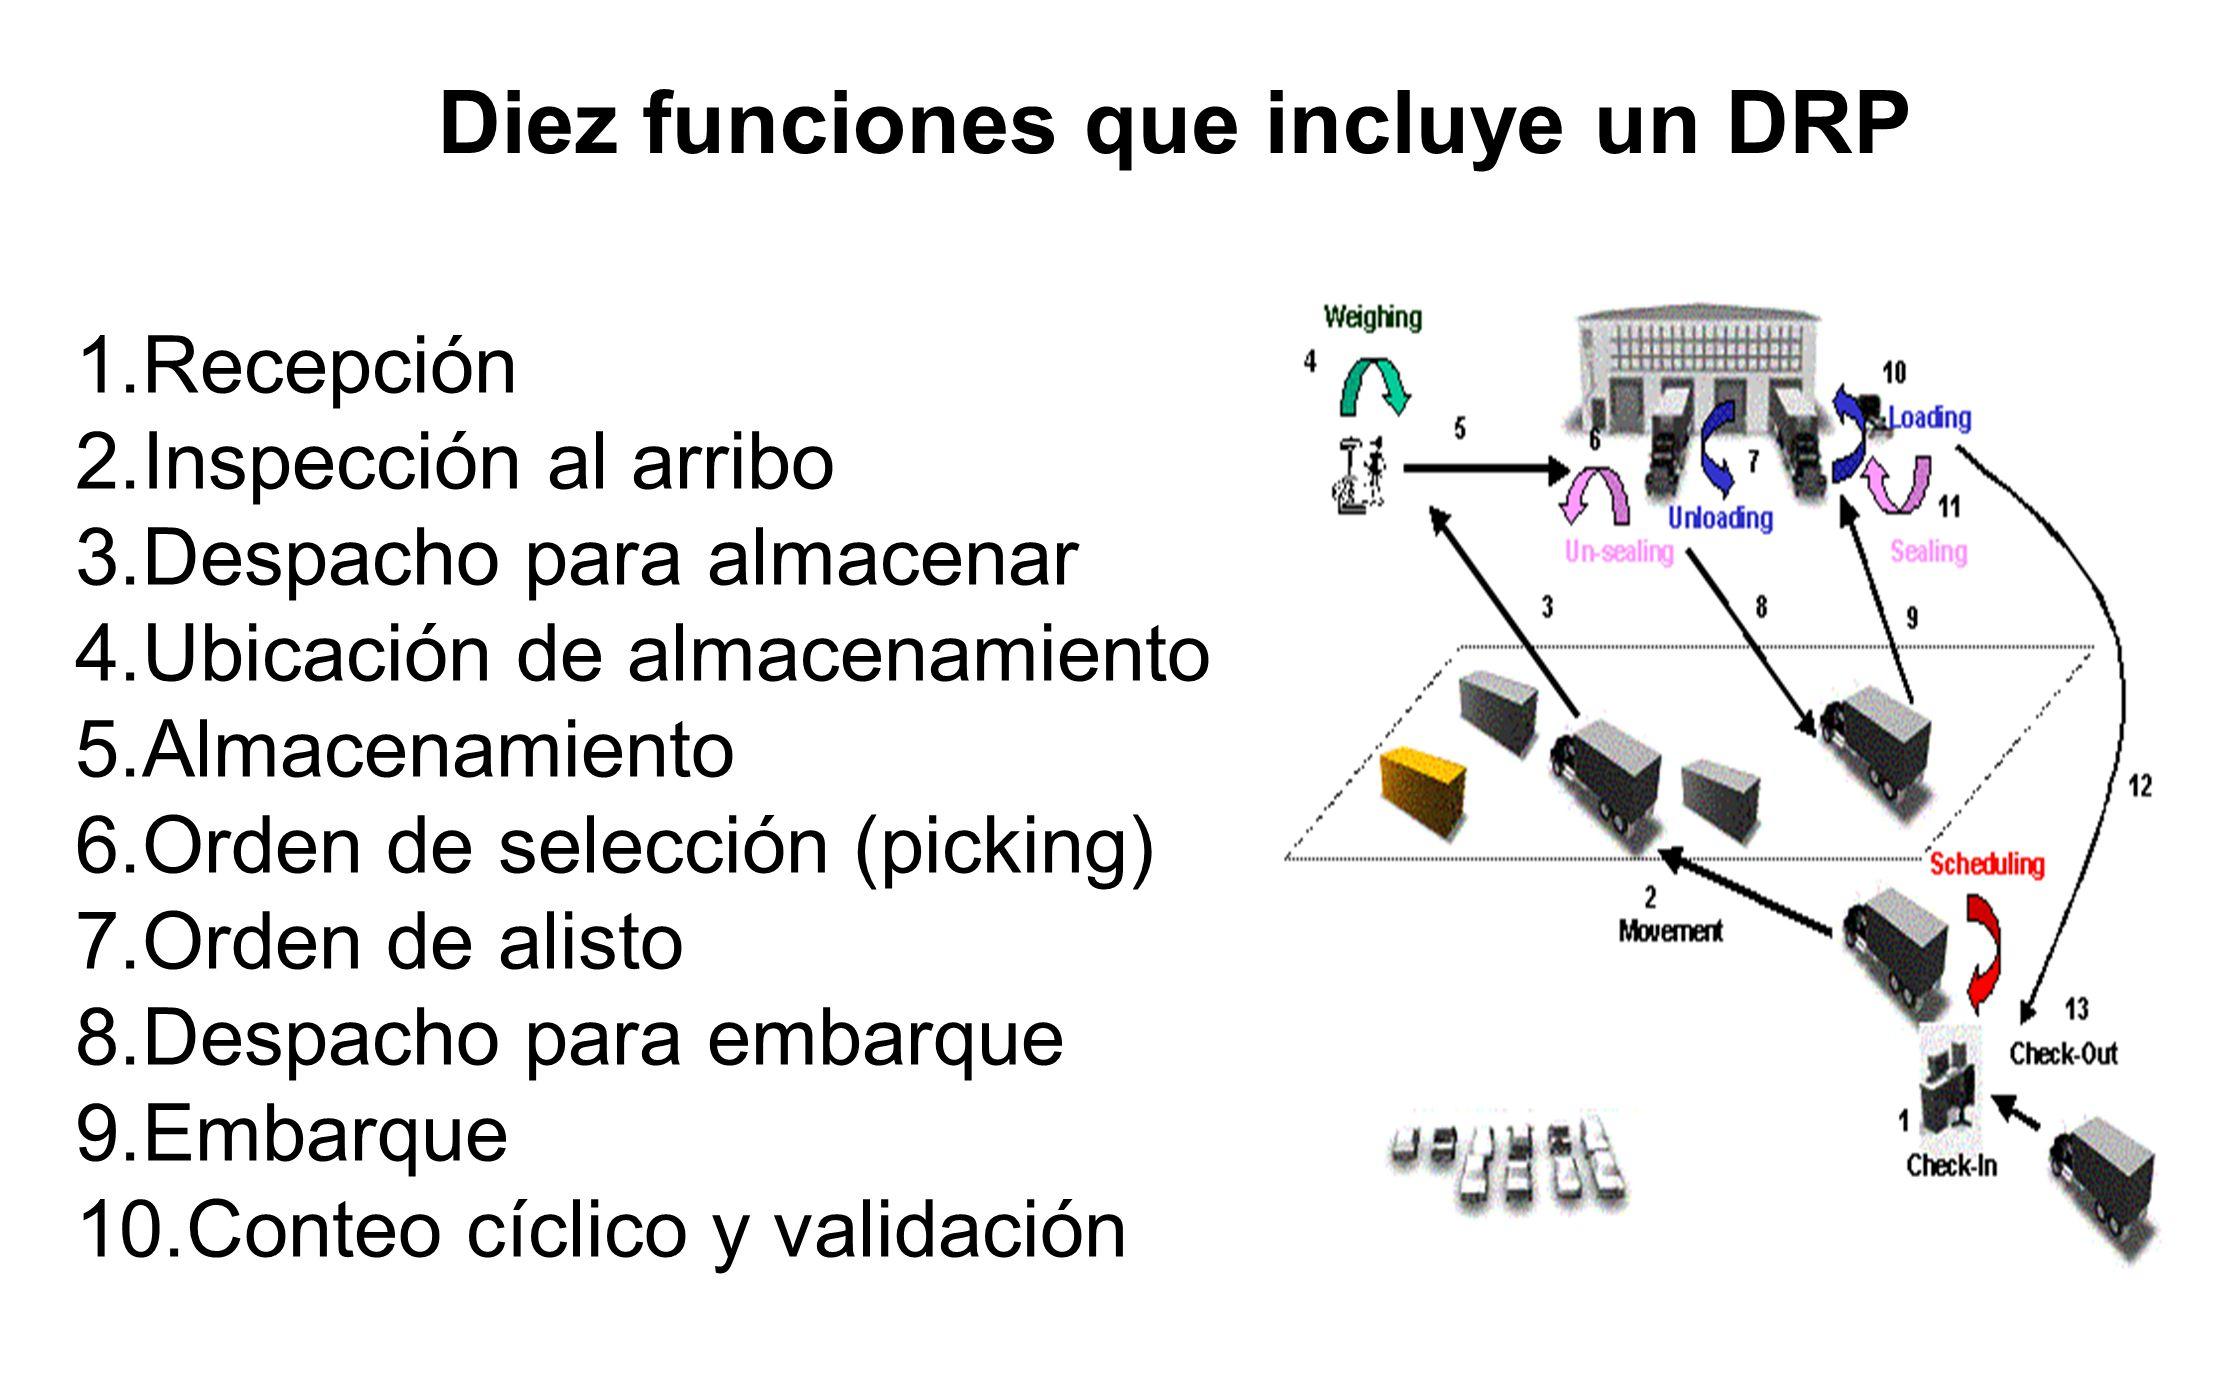 Diez funciones que incluye un DRP 1.Recepción 2.Inspección al arribo 3.Despacho para almacenar 4.Ubicación de almacenamiento 5.Almacenamiento 6.Orden